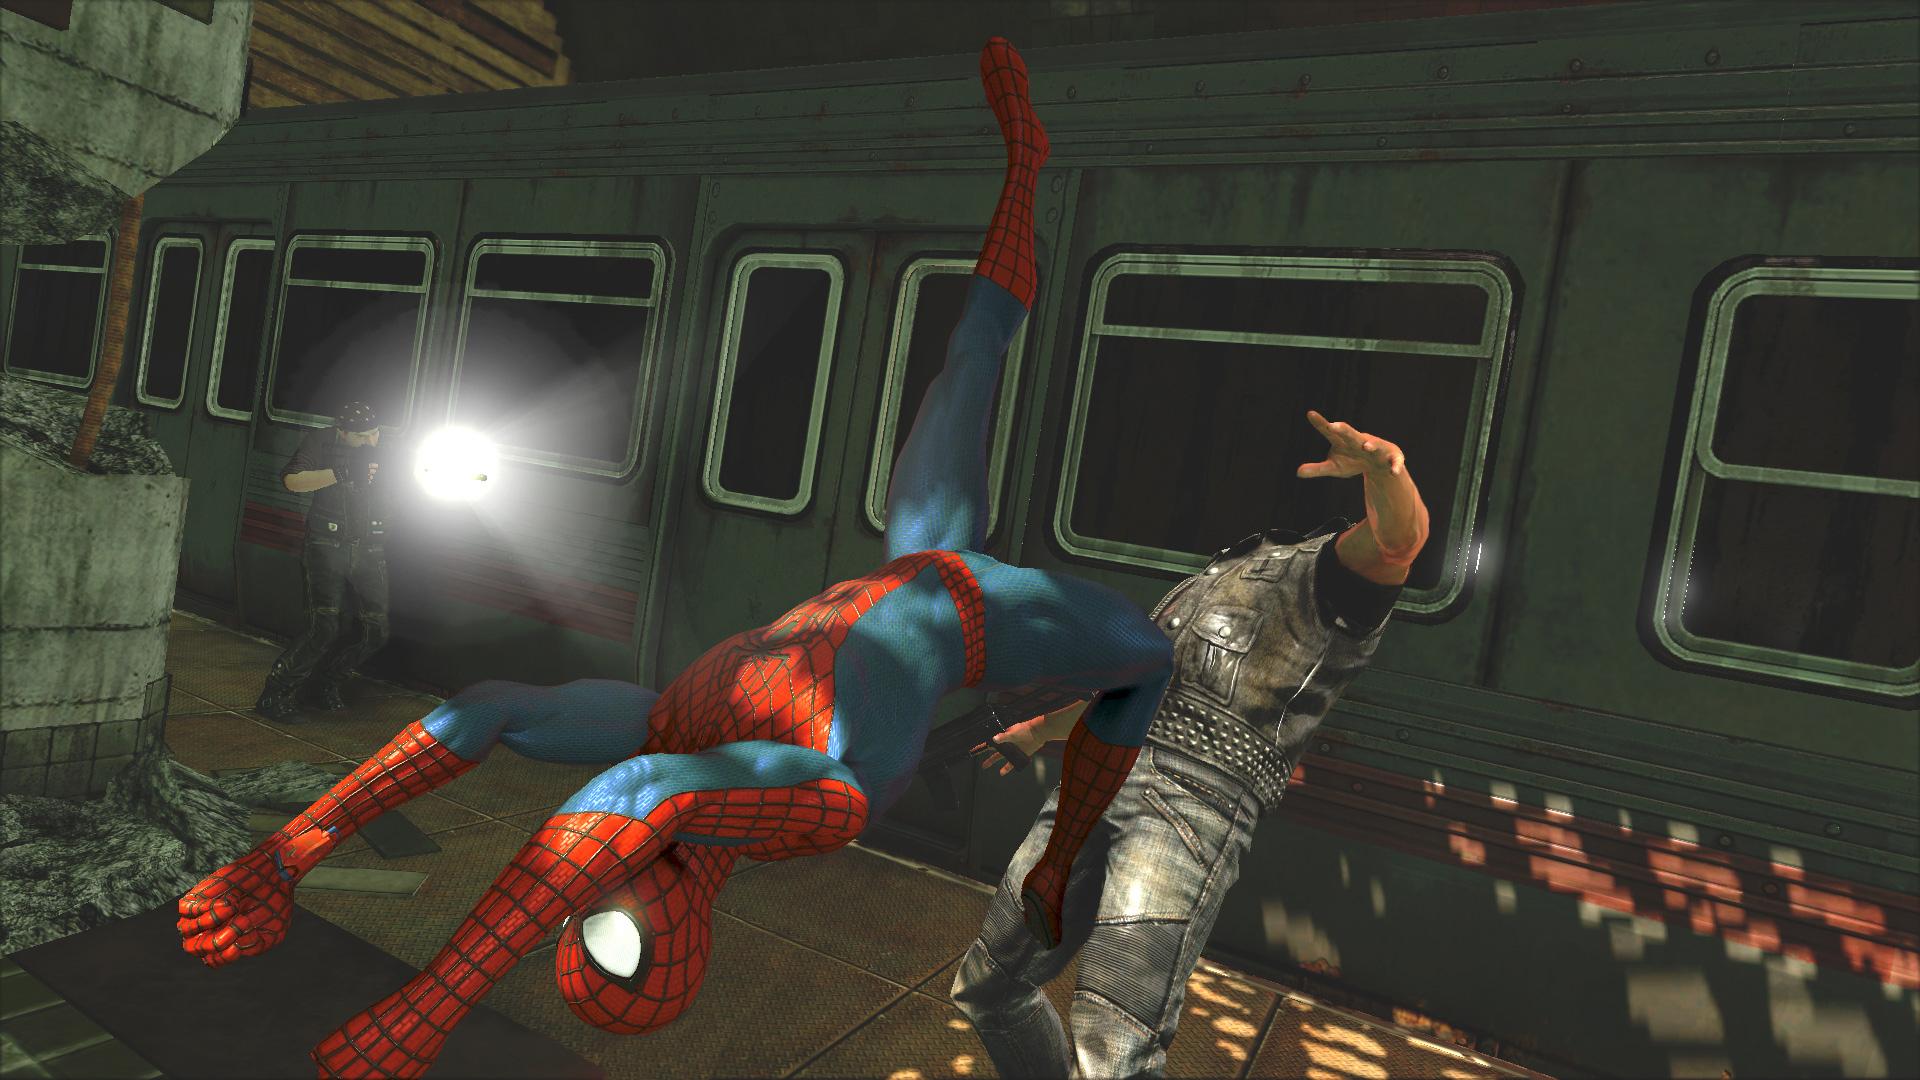 Ngắm The Amazing Spider-Man 2 phiên bản PS4 - Ảnh 6